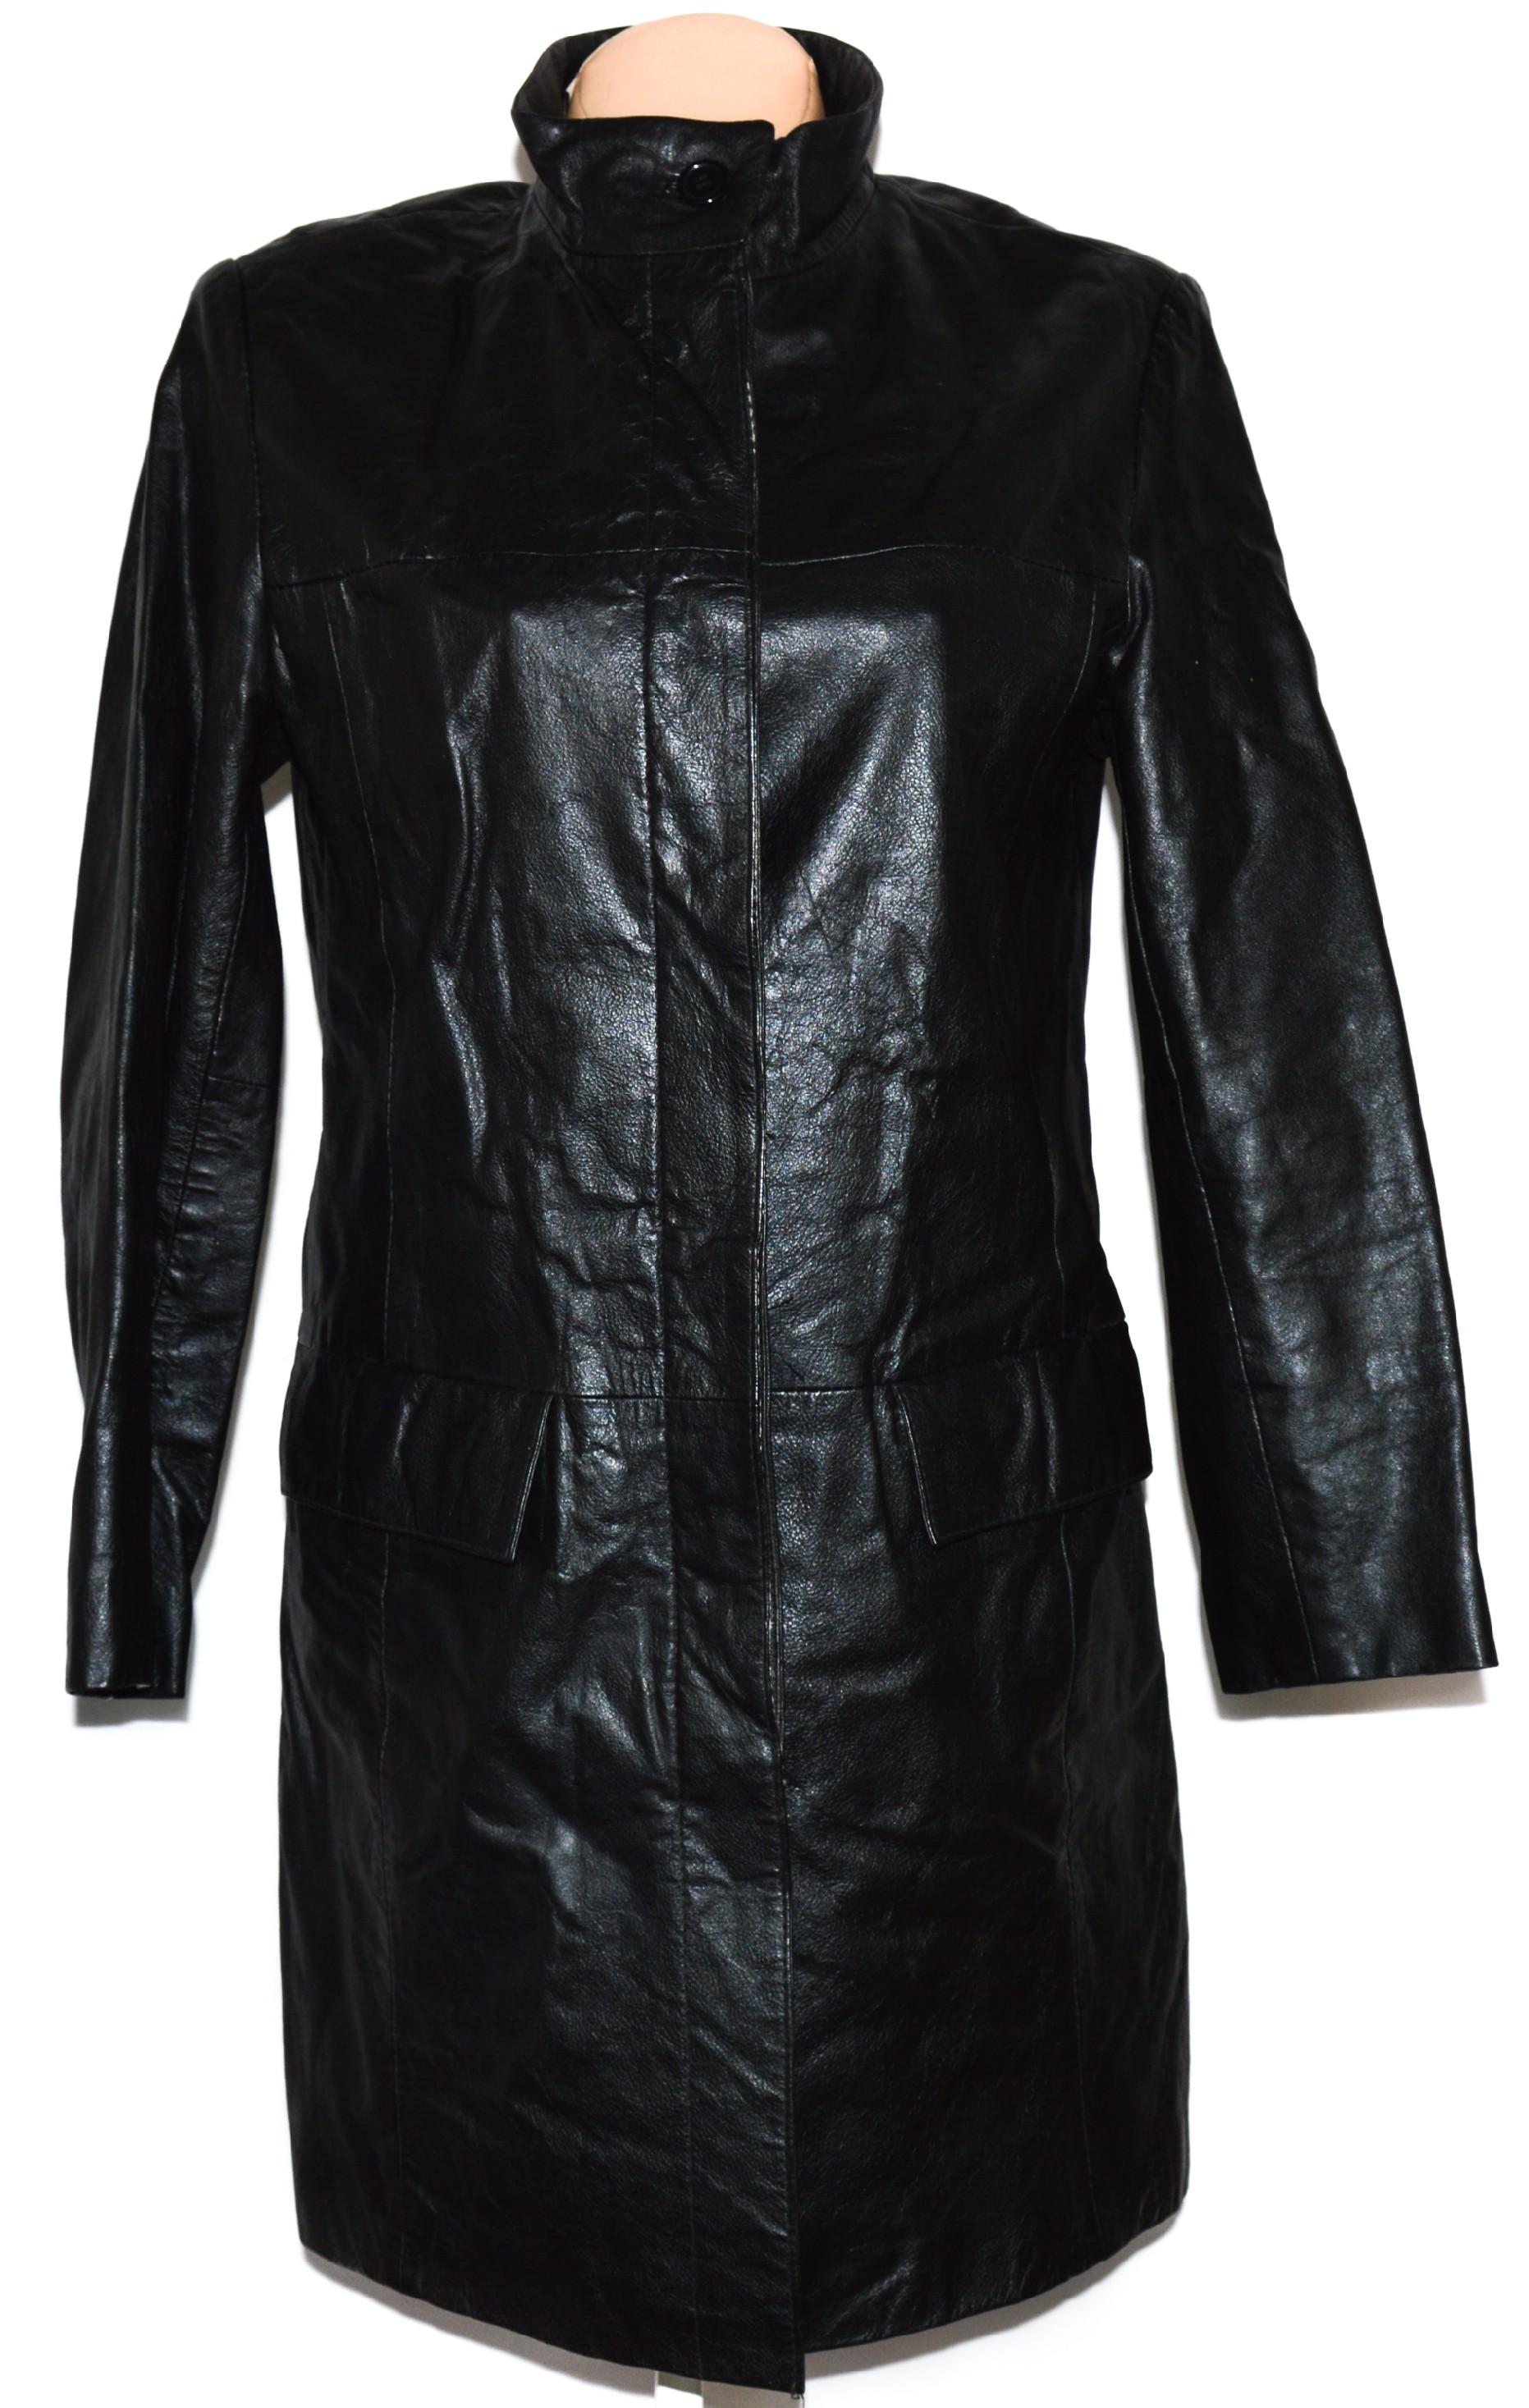 KOŽENÝ dámský černý kabát L